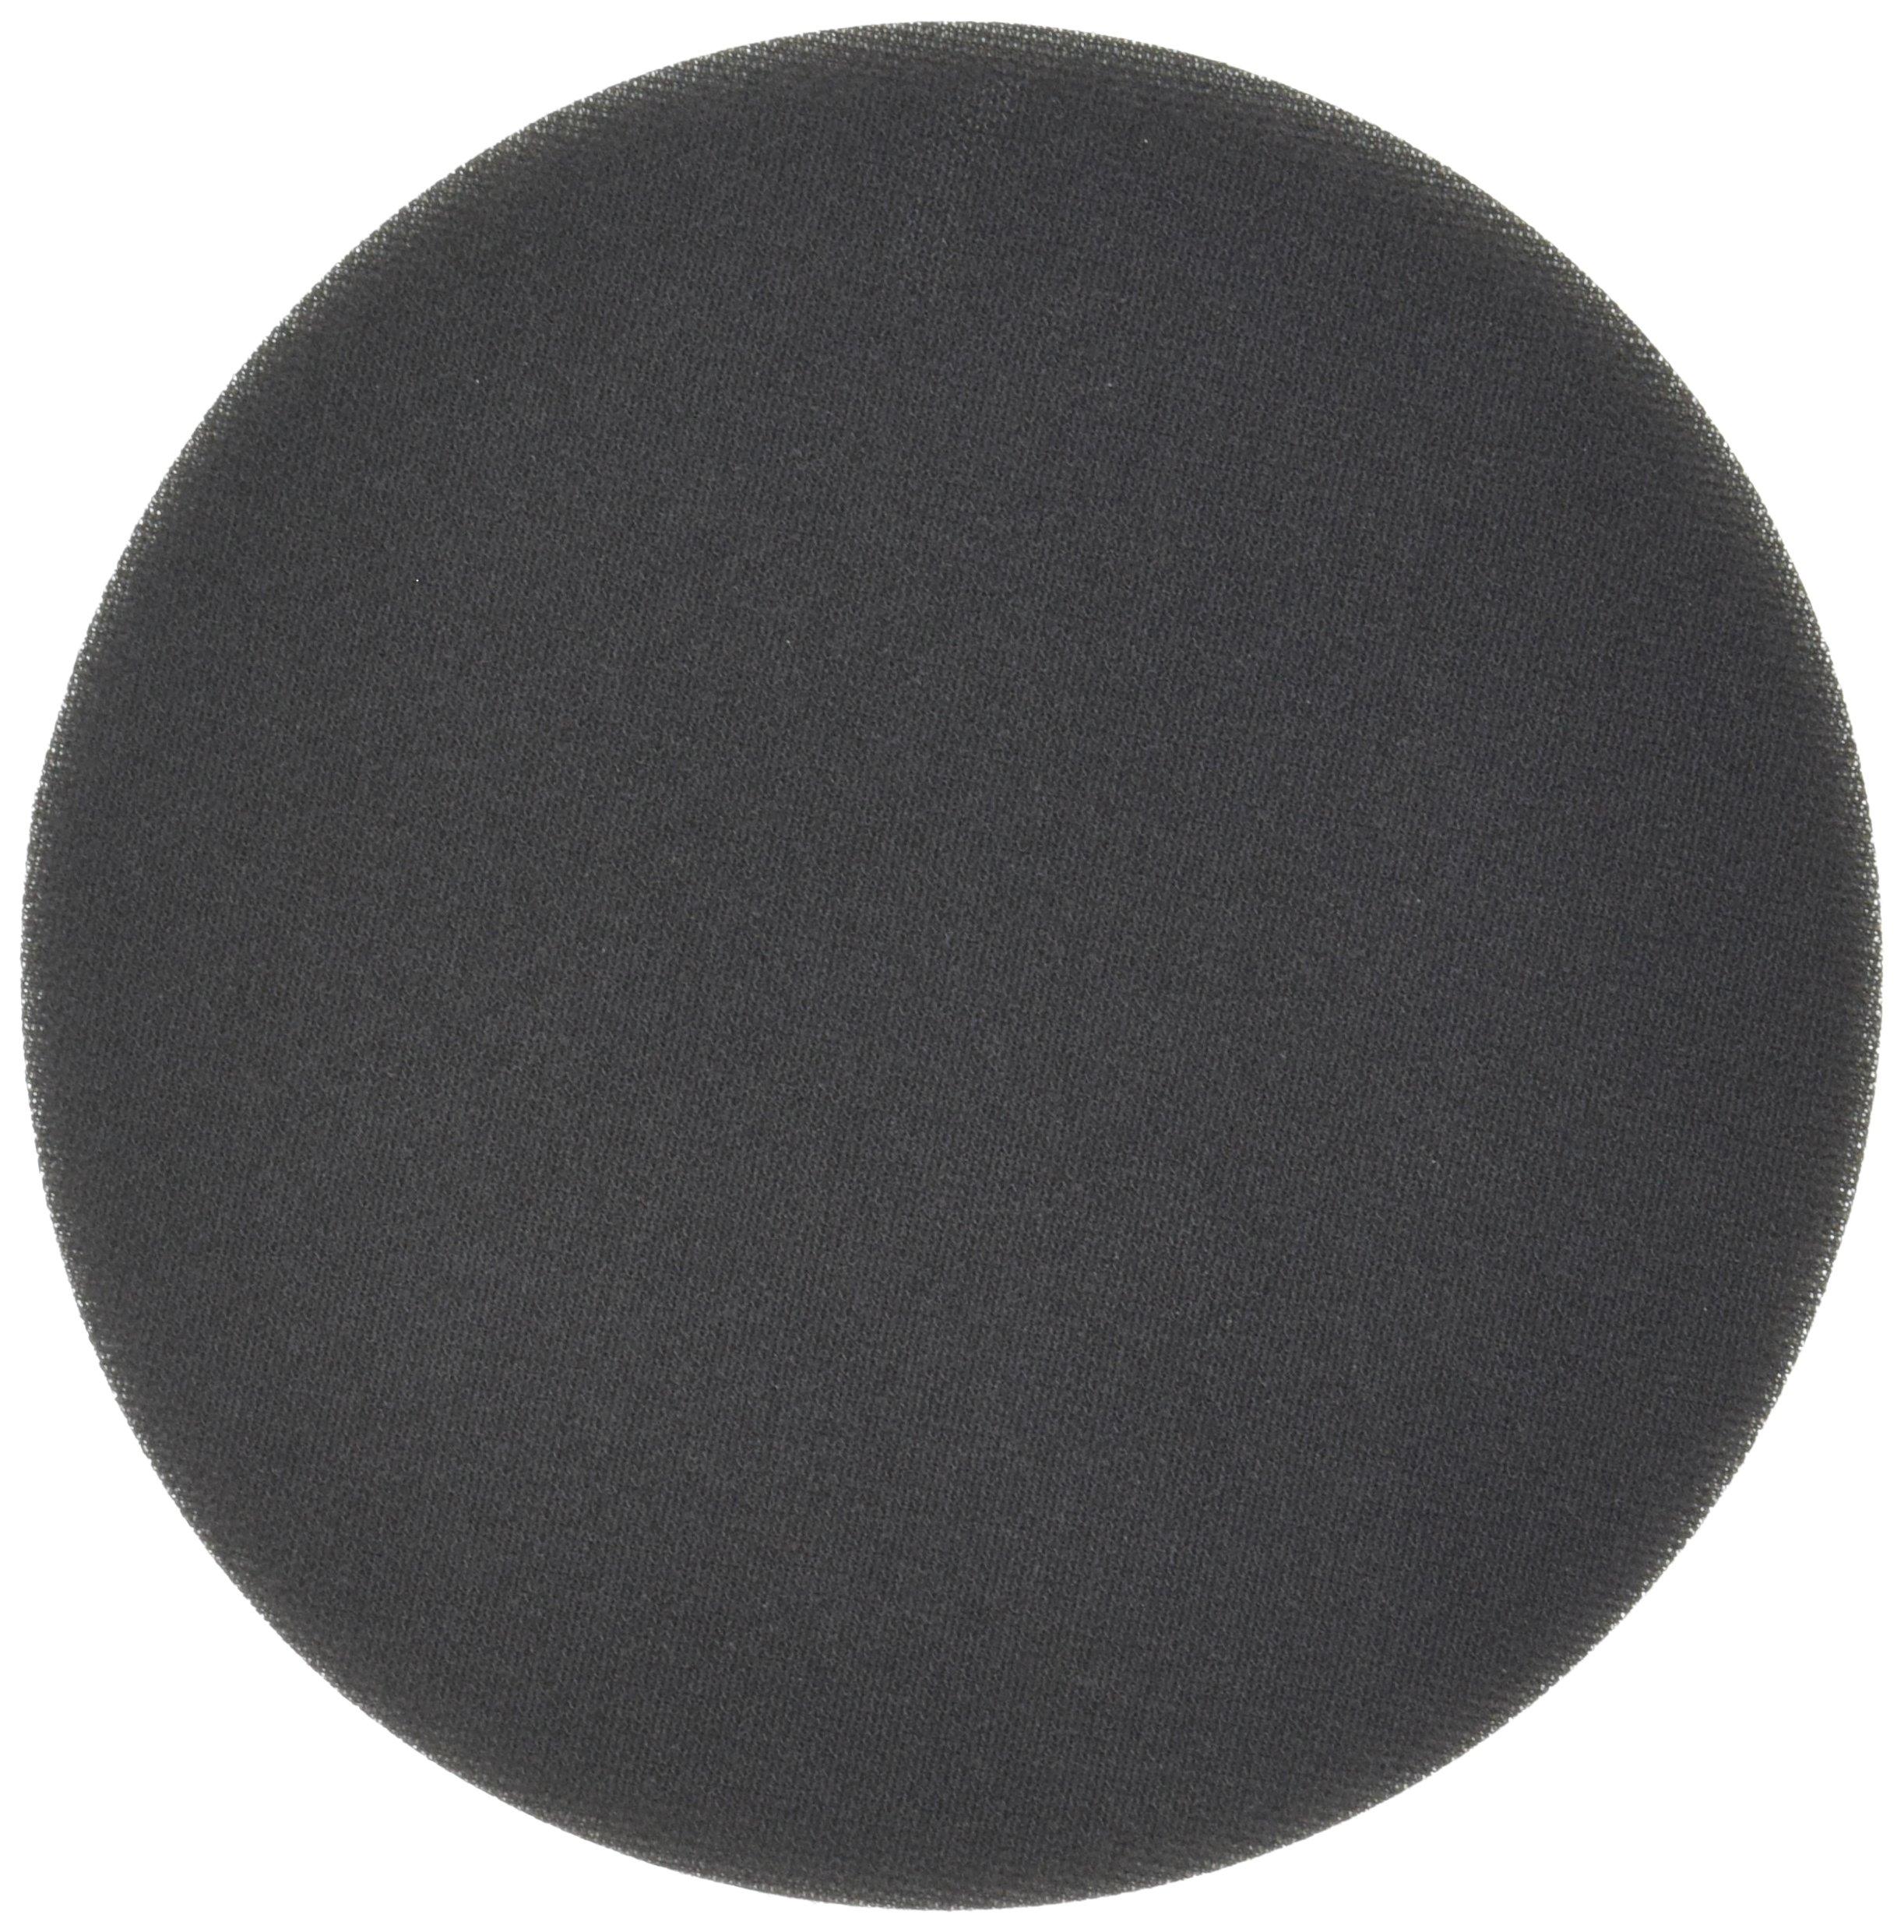 Festool 492374 S500 Grit, Platin 2 Abrasives, Pack of 15